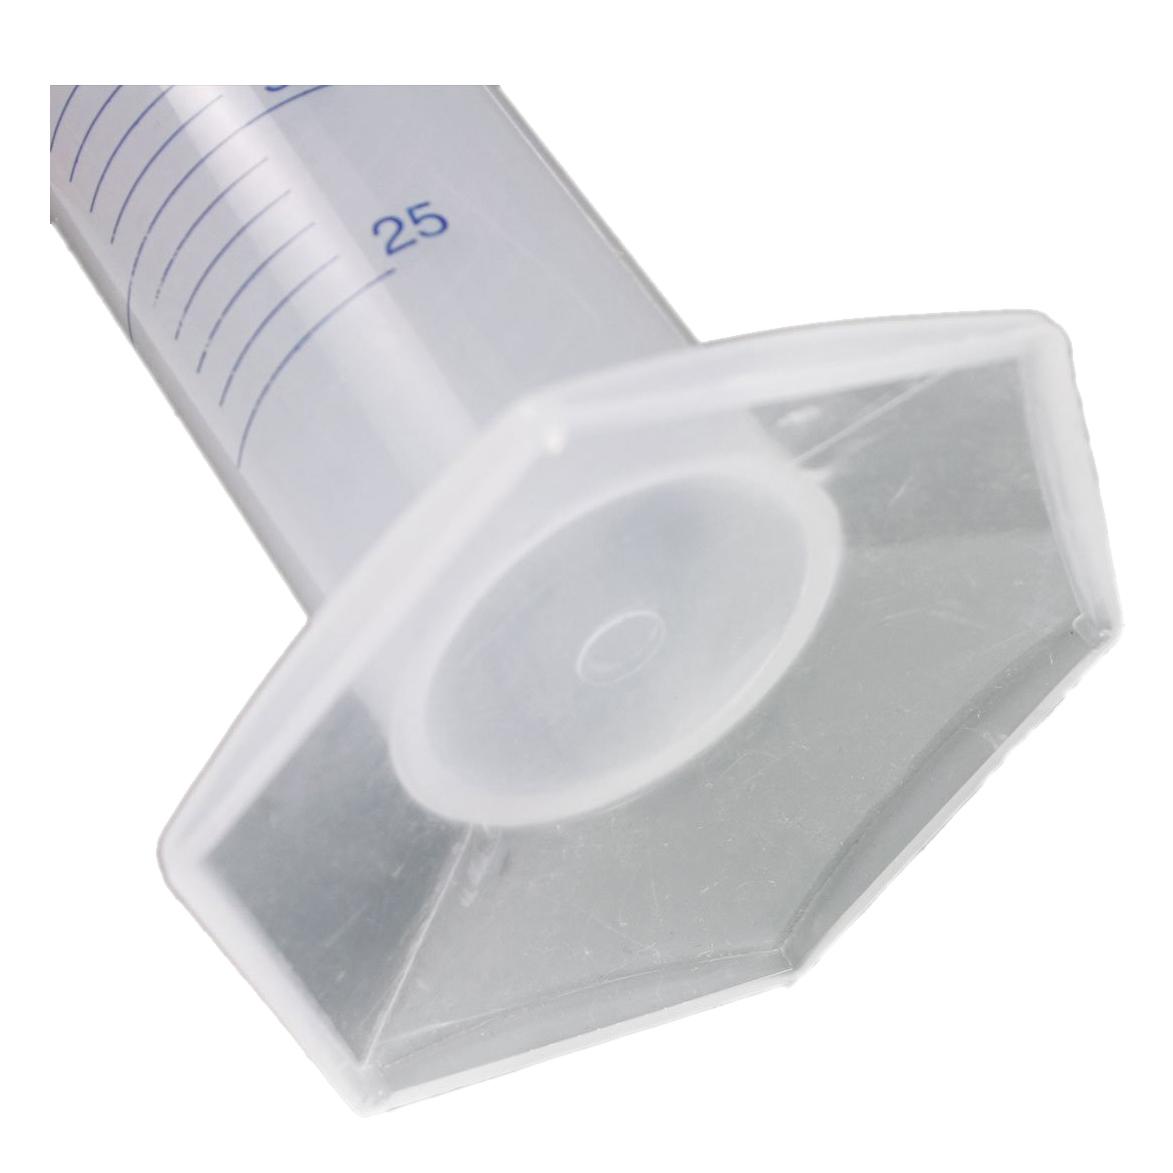 10X(Messzylinder Hoch 31.5 cm 250 ml Kunststoff graduierte Fluessigkeiten f W4D7